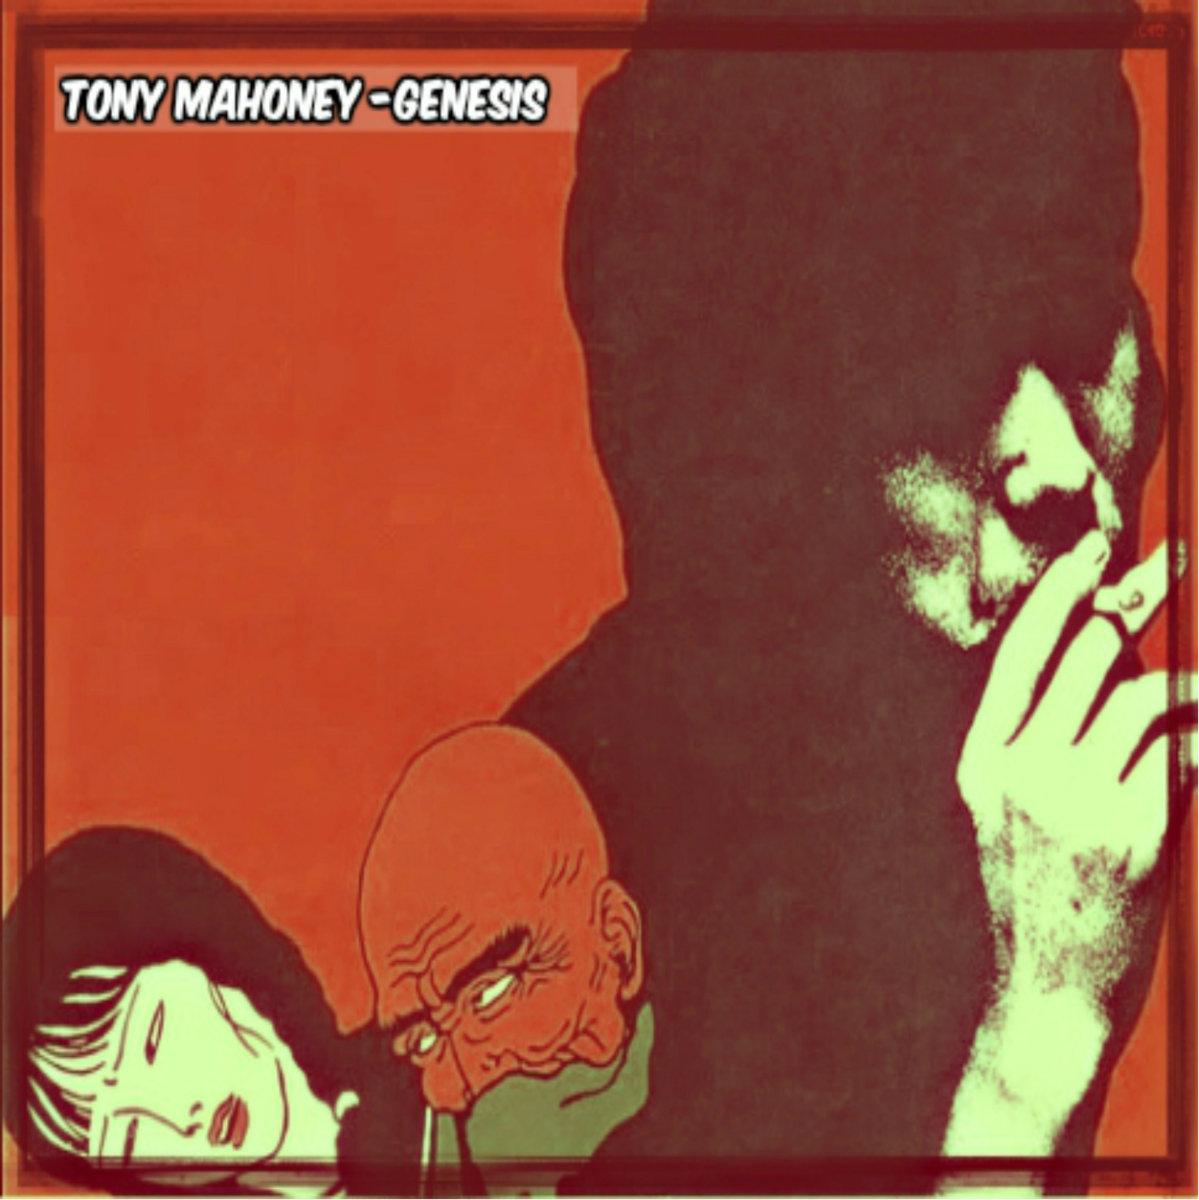 Tony Mahoney - Genesis (LP) (2016)